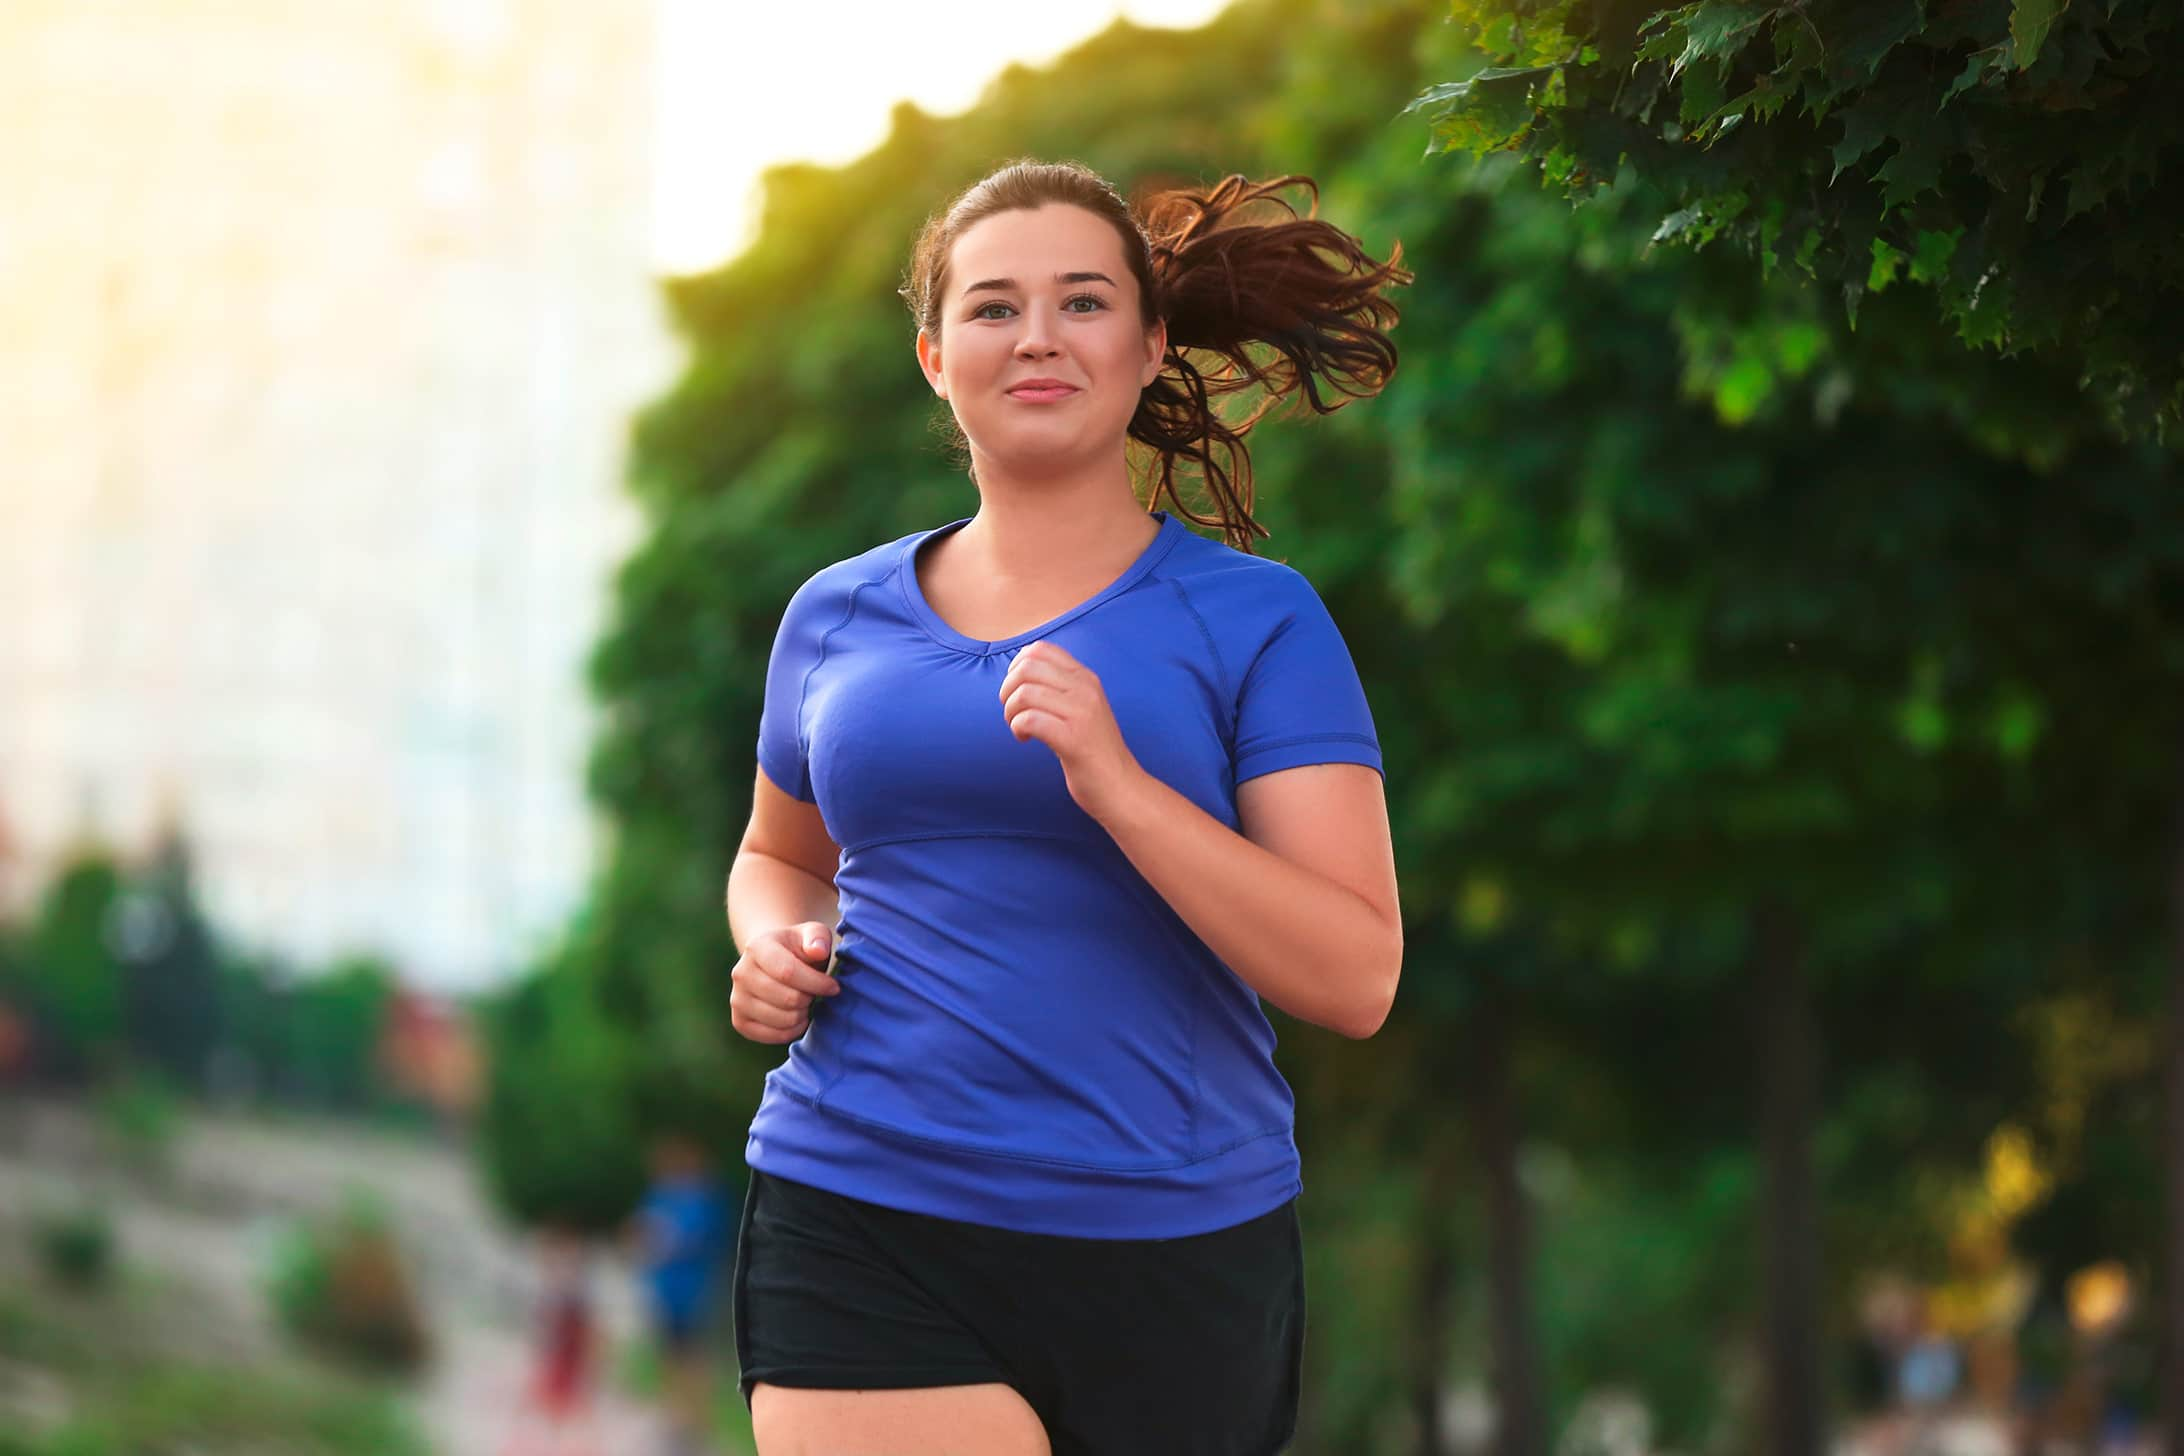 Bild einer Frau welche durch die Stadt joggt.